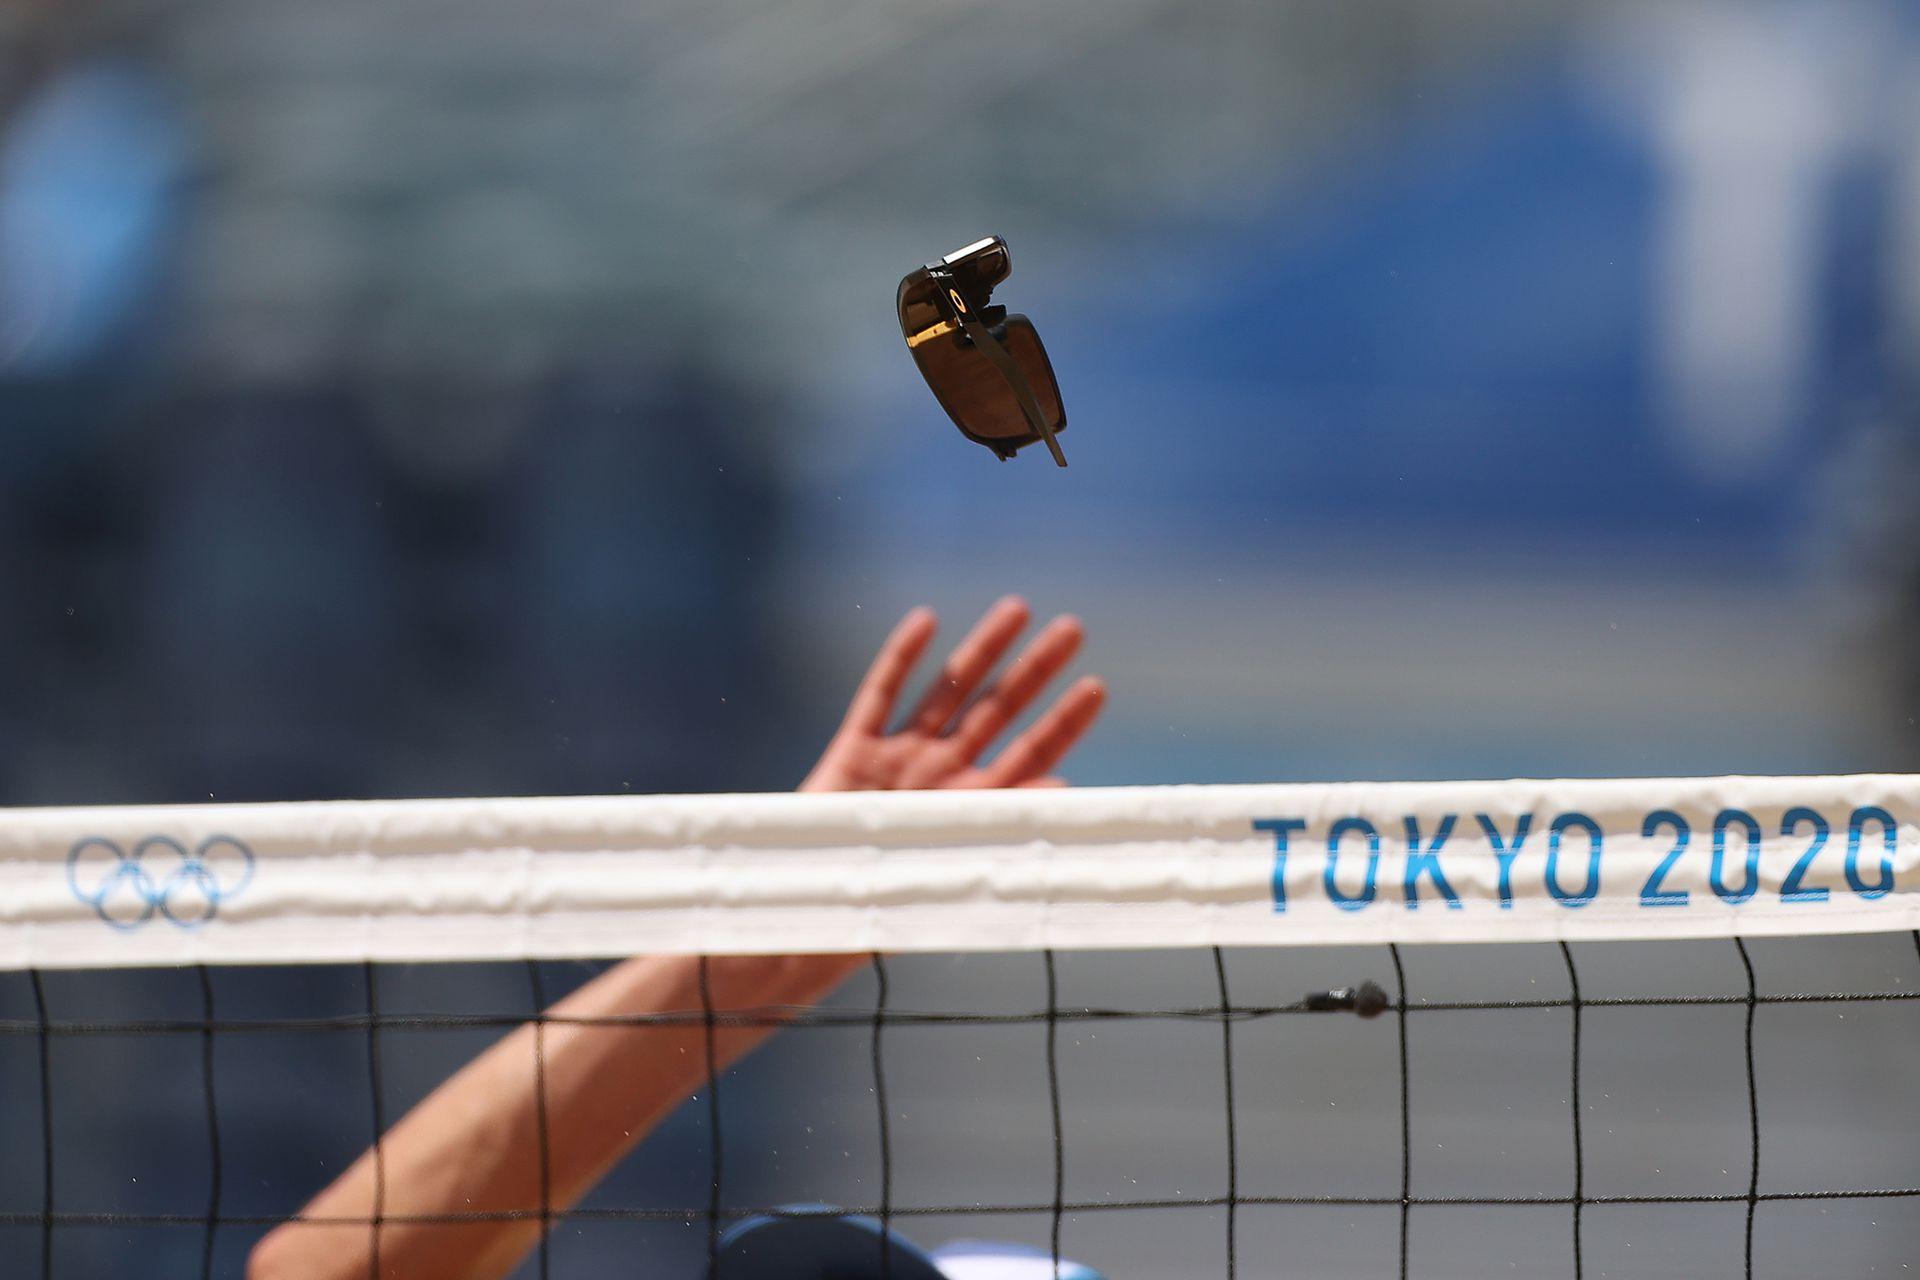 Los anteojos rotos usados por Nicolas Capogrosso # 1 del Equipo Argentina vuelan por el aire contra el Equipo Brasil durante el Preliminar Masculino - Grupo D en el primer día de los Juegos Olímpicos de Tokio 2020 en el Parque Shiokaze el 24 de julio de 2021 en Tokio, Japón.